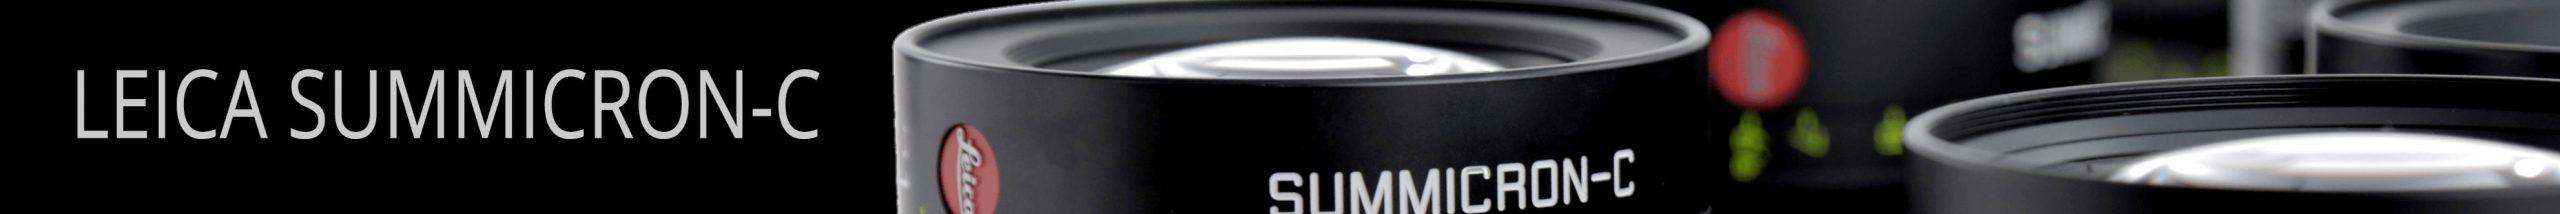 Leica Summicron-C header